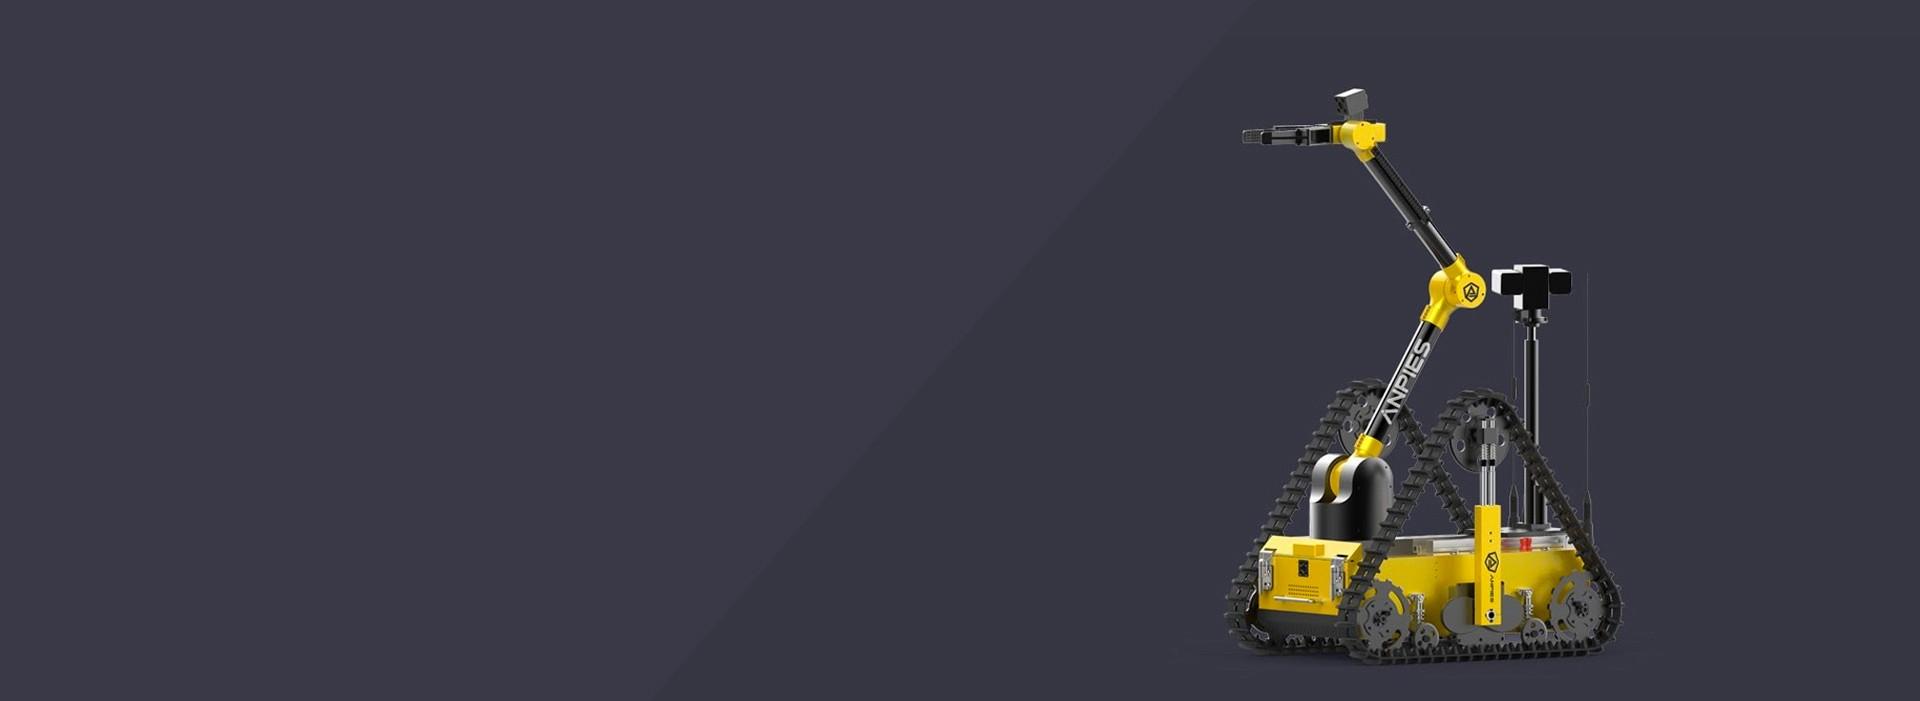 长履带排爆机器人 Tracker IIIL